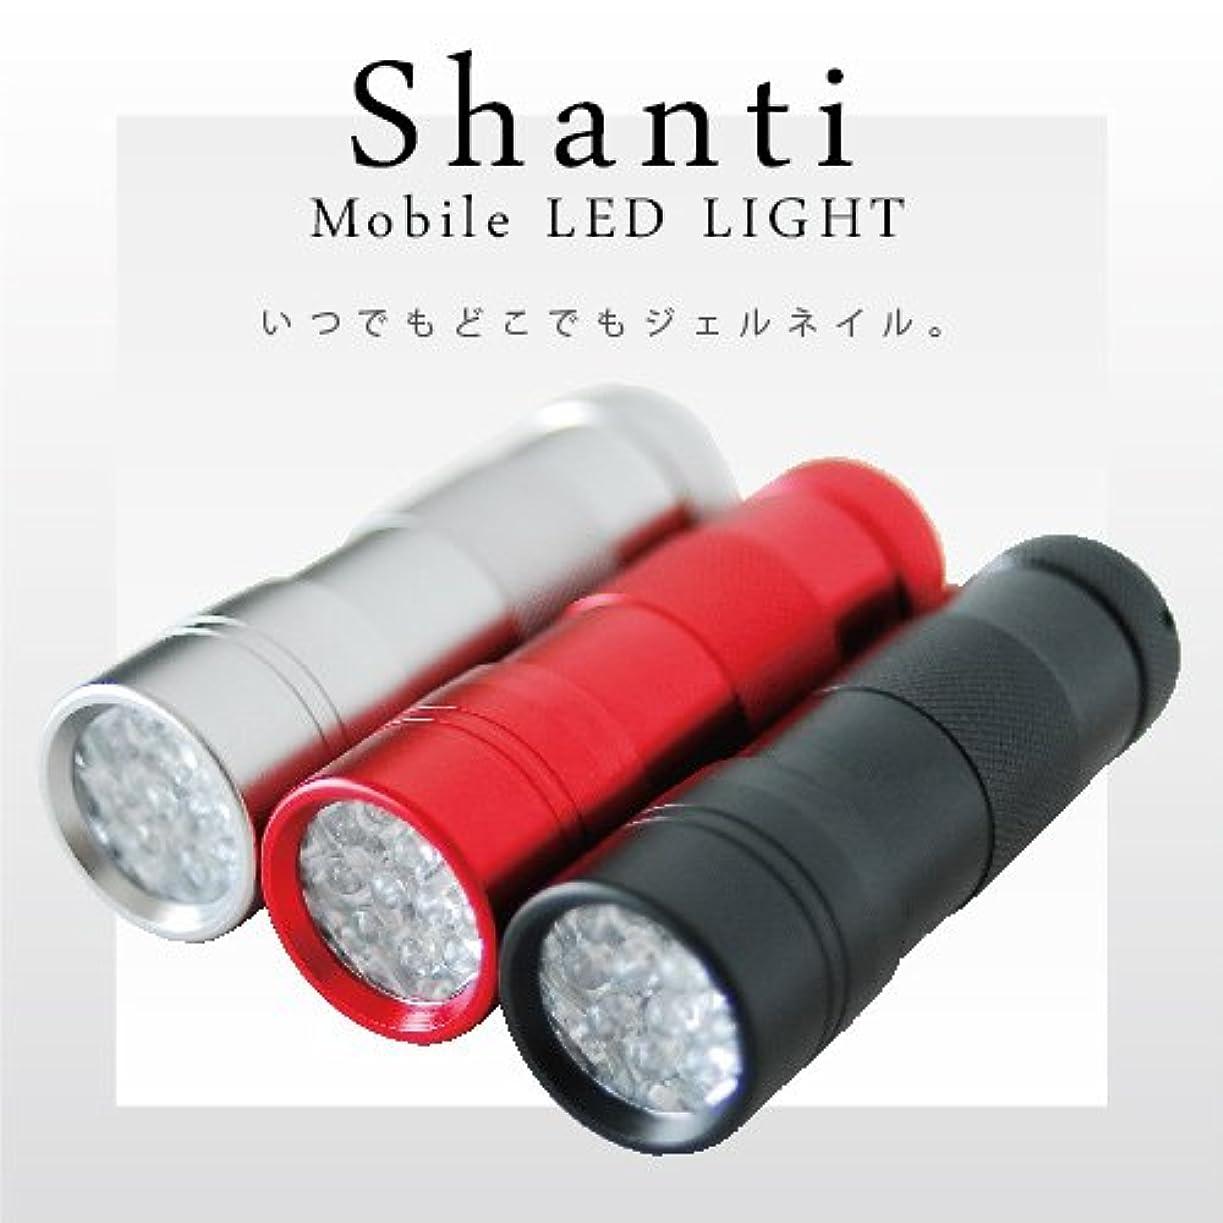 排除する代わりにそれにもかかわらずジェルネイル用UVライト ペン型LEDライト Shanti Mobile LED ペン型ポータブルLEDライト カラー:レッド  携帯用ハンドライト